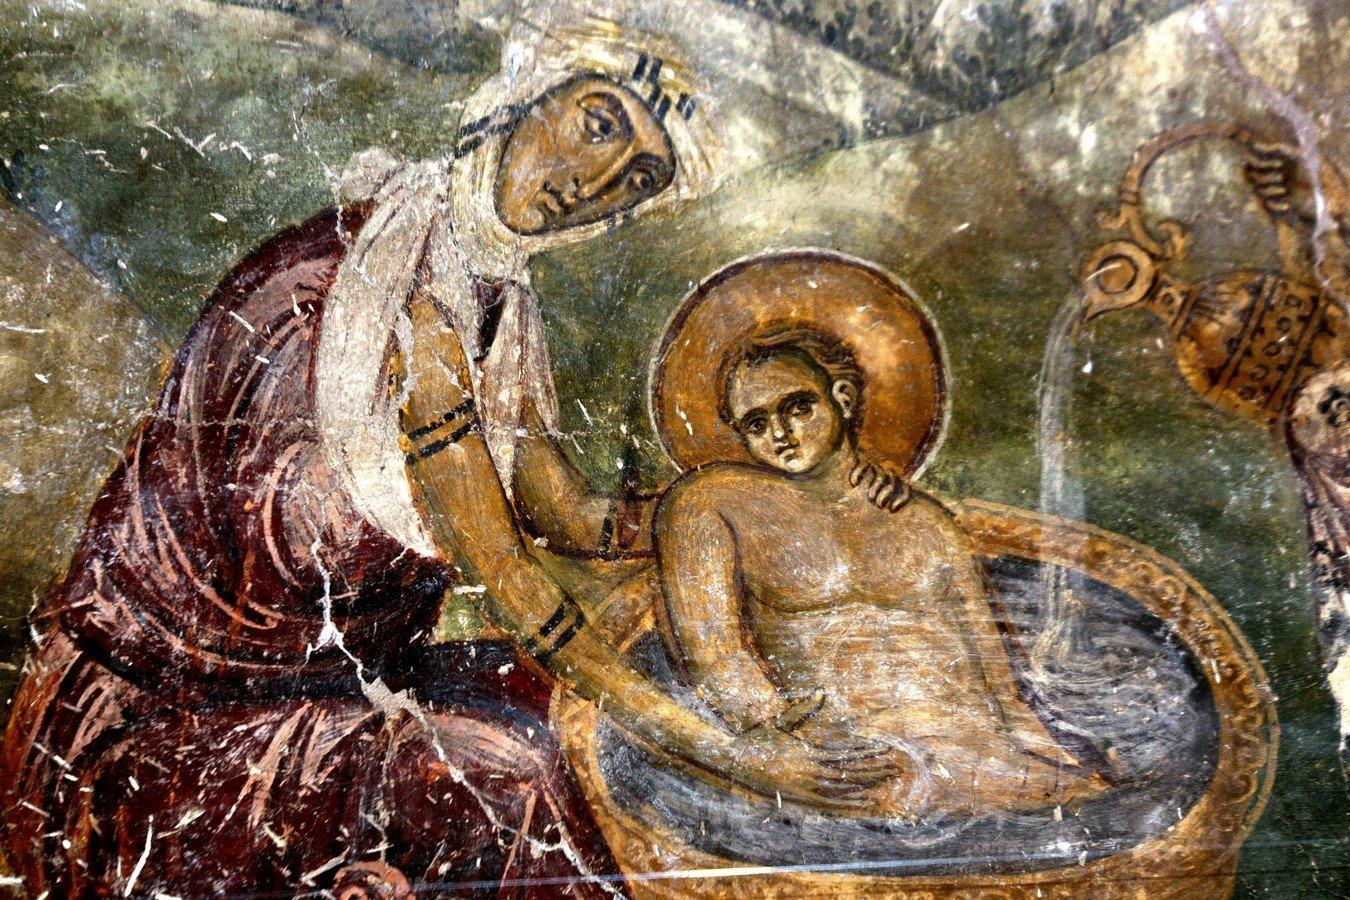 Рождество Христово. Фреска монастыря Латому (Осиос Давид) в Салониках, Греция. XII век. Фрагмент.